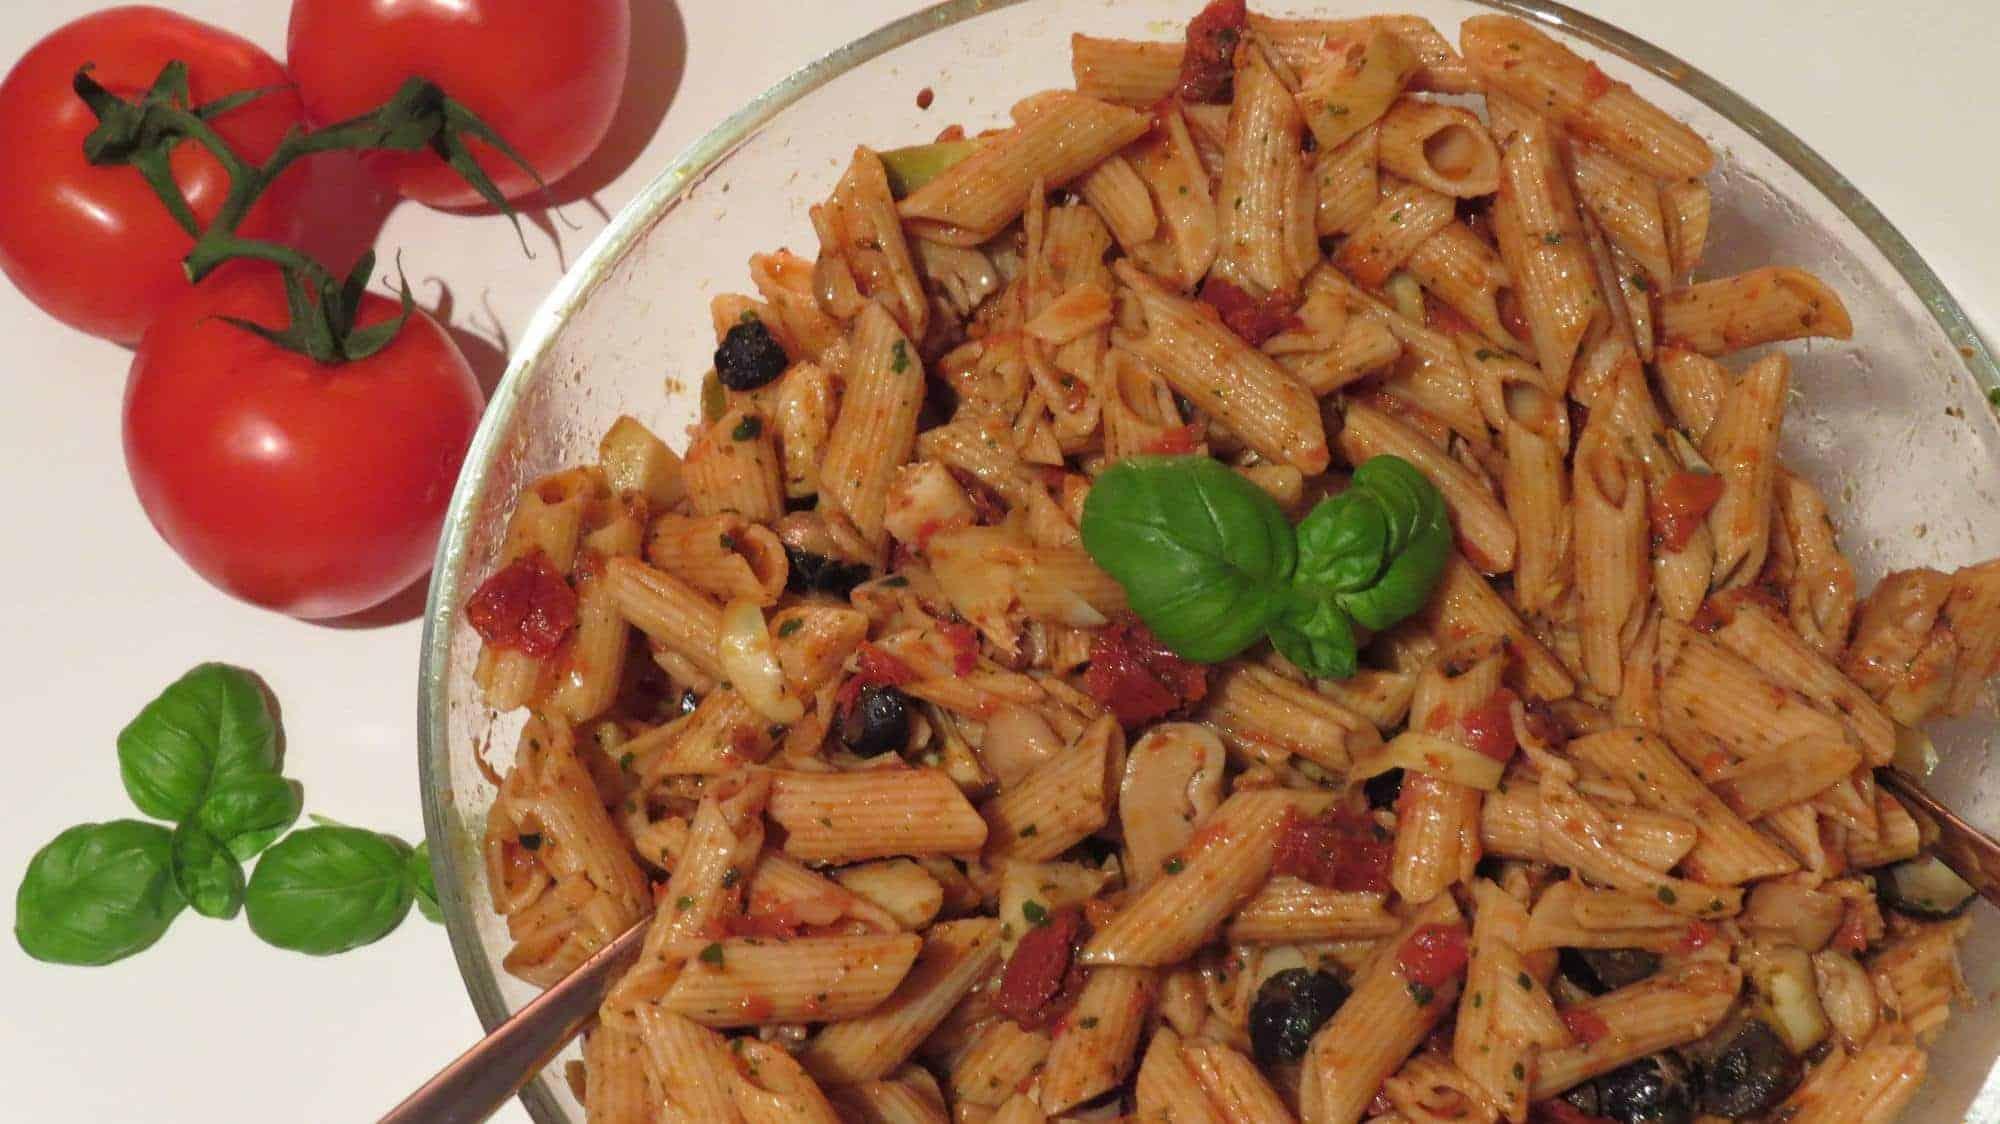 Italienischer Nudelsalat mit getrockneten Tomaten, Artischocken und Oliven